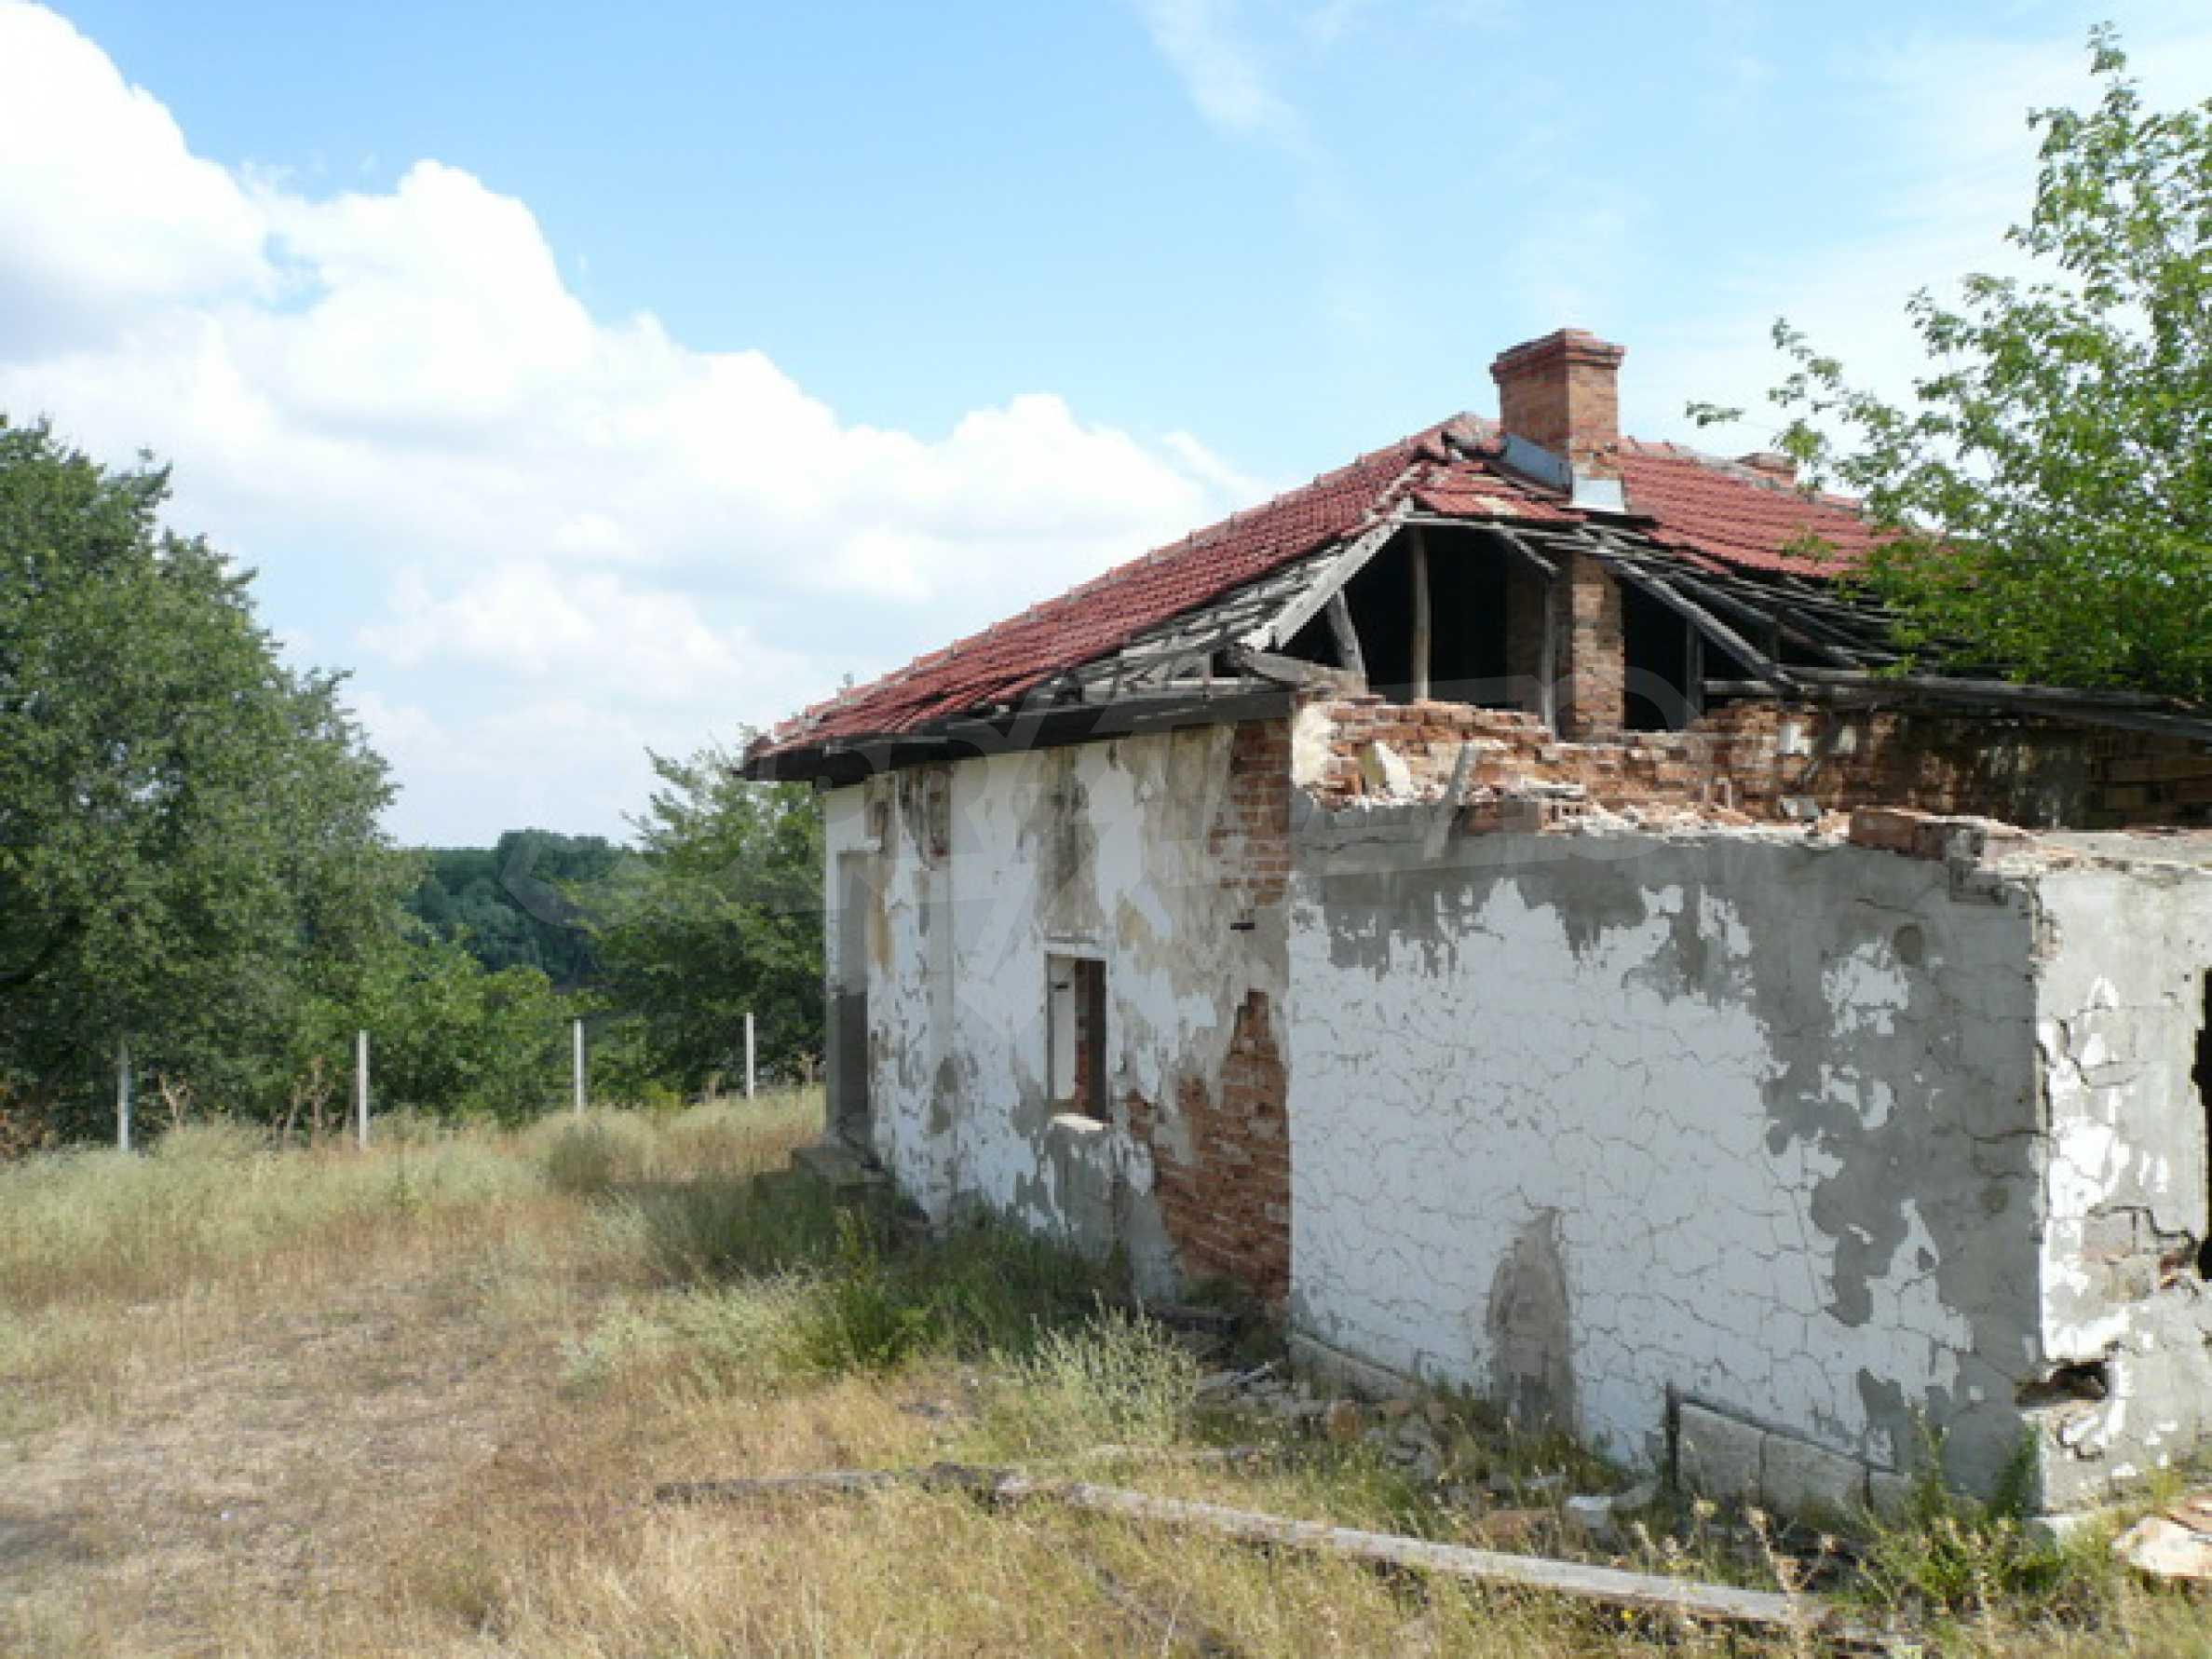 Haus am Ufer der Donau 3